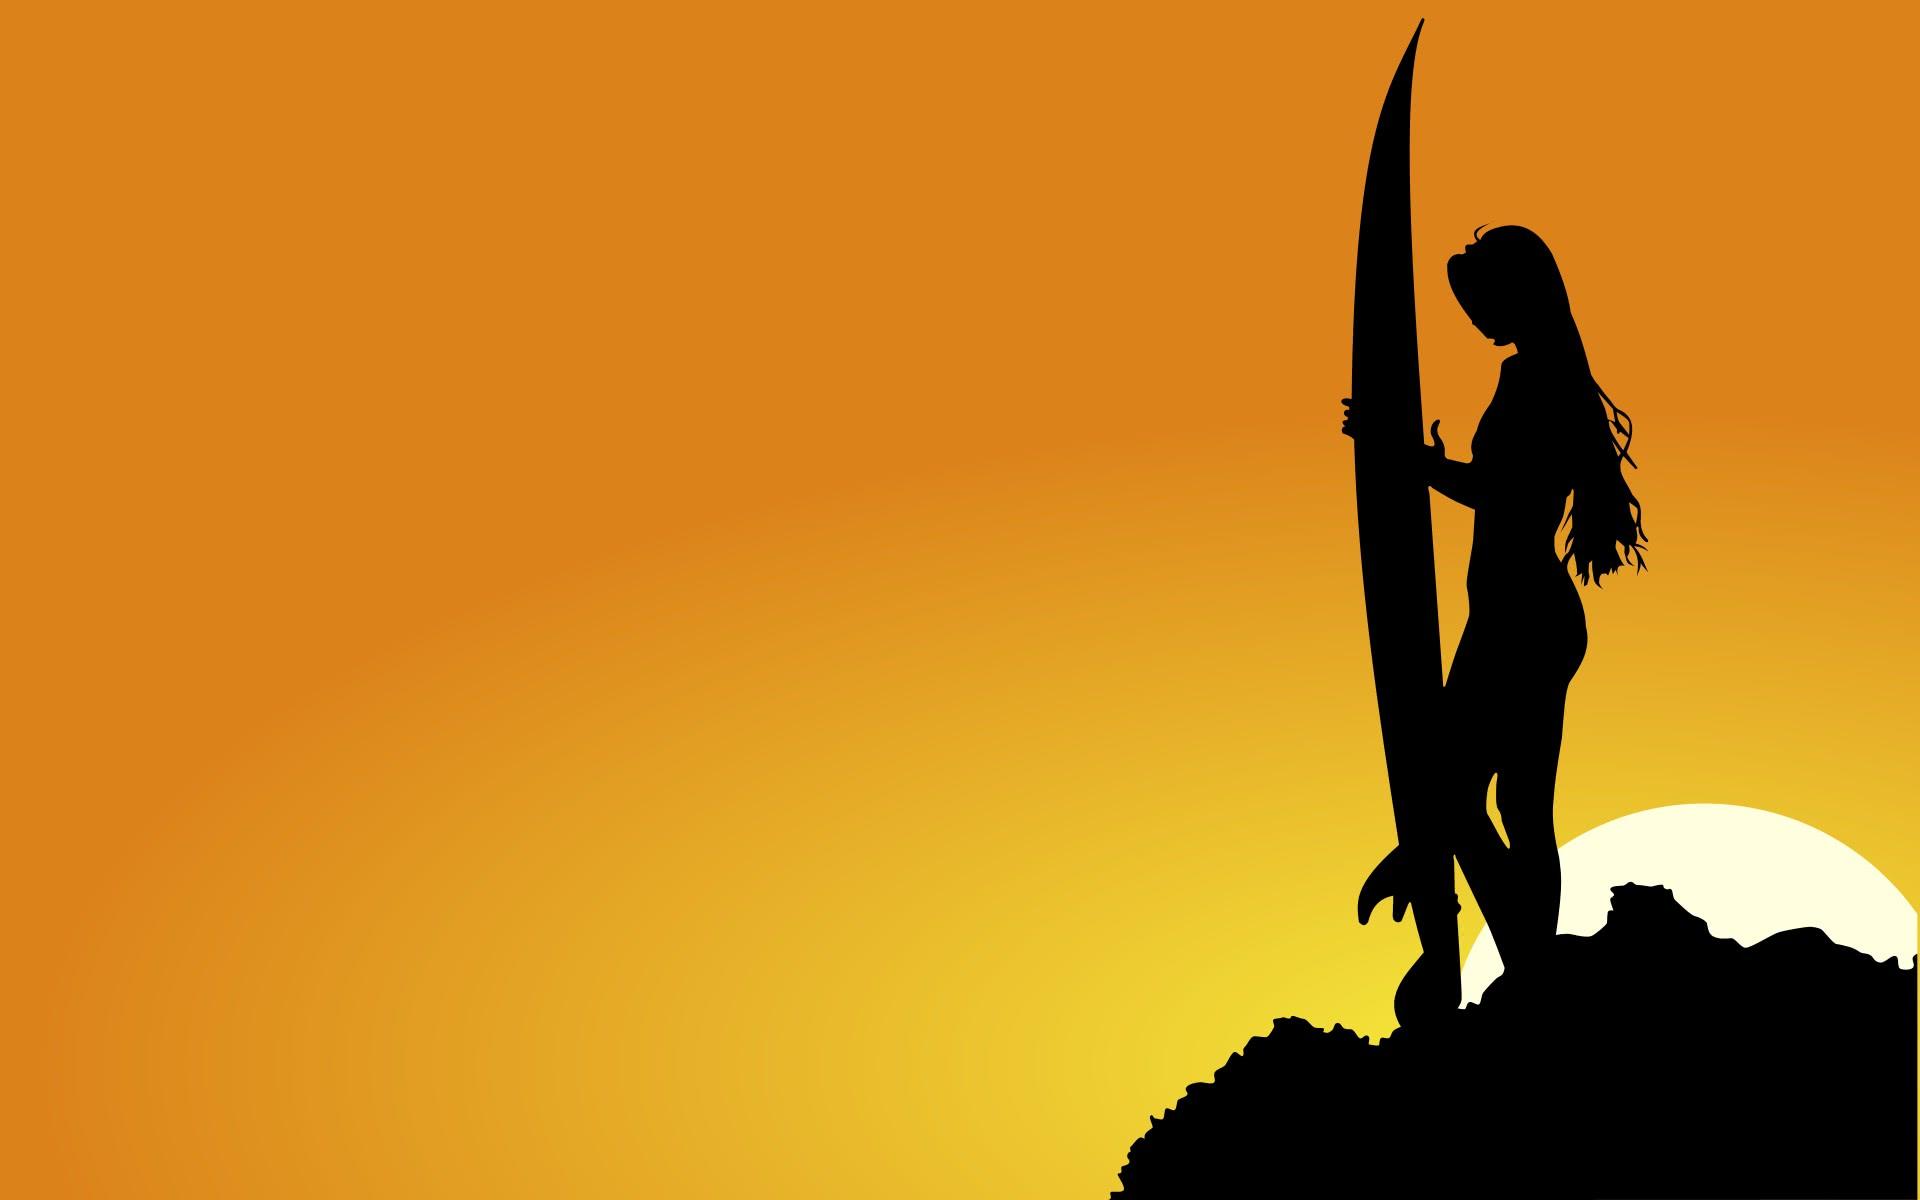 surfer girl sunset wide   scenic  wallpaper  people  surfer Surfer Girl Silouette Surfer Silhouette Girl Clip Art